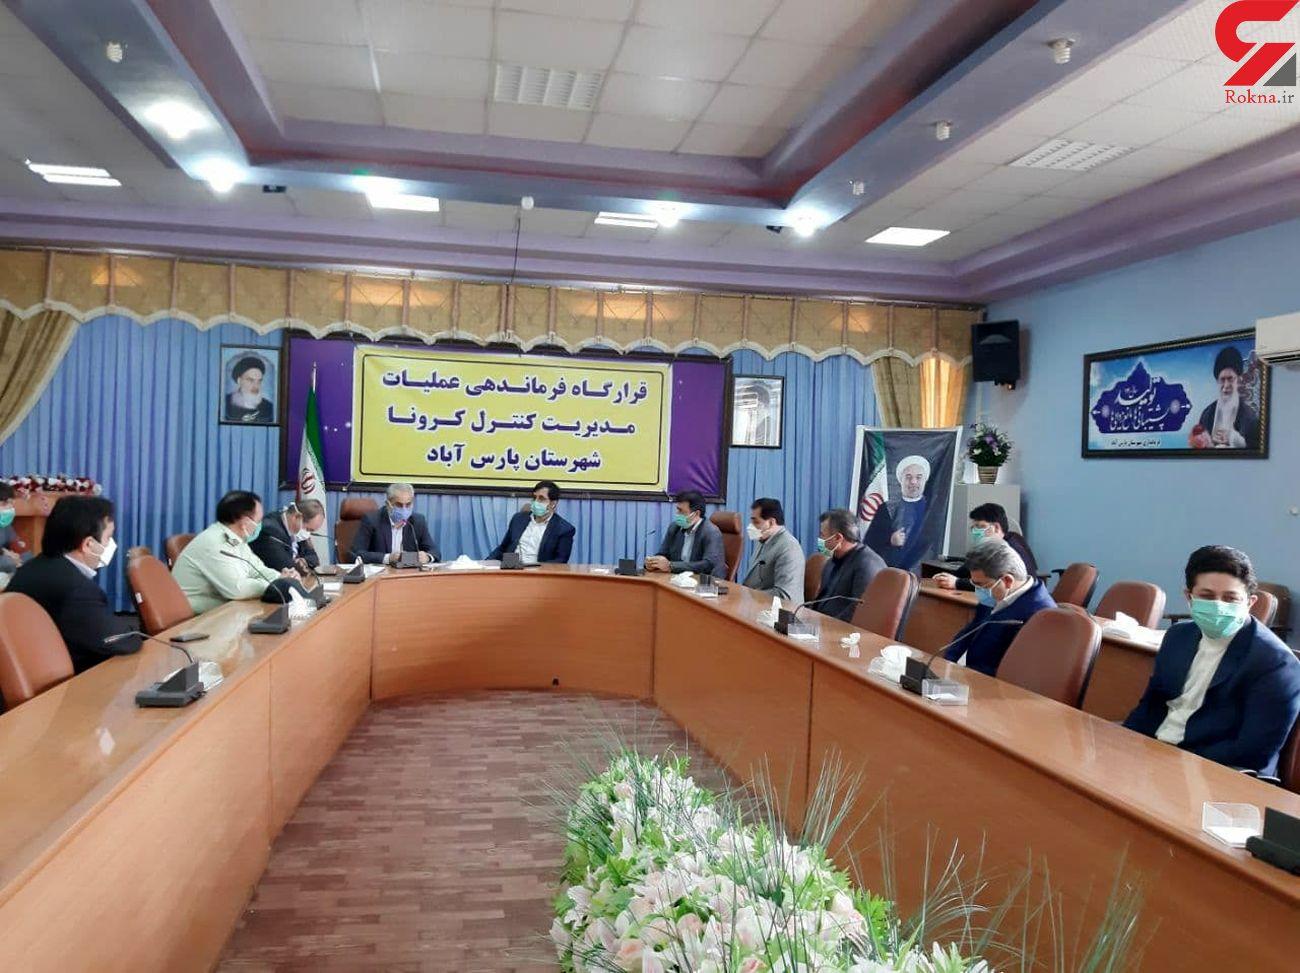 اراضی عشایر با مصوبه هیات وزیران تا پایان دولت تعیین تکلیف می شود